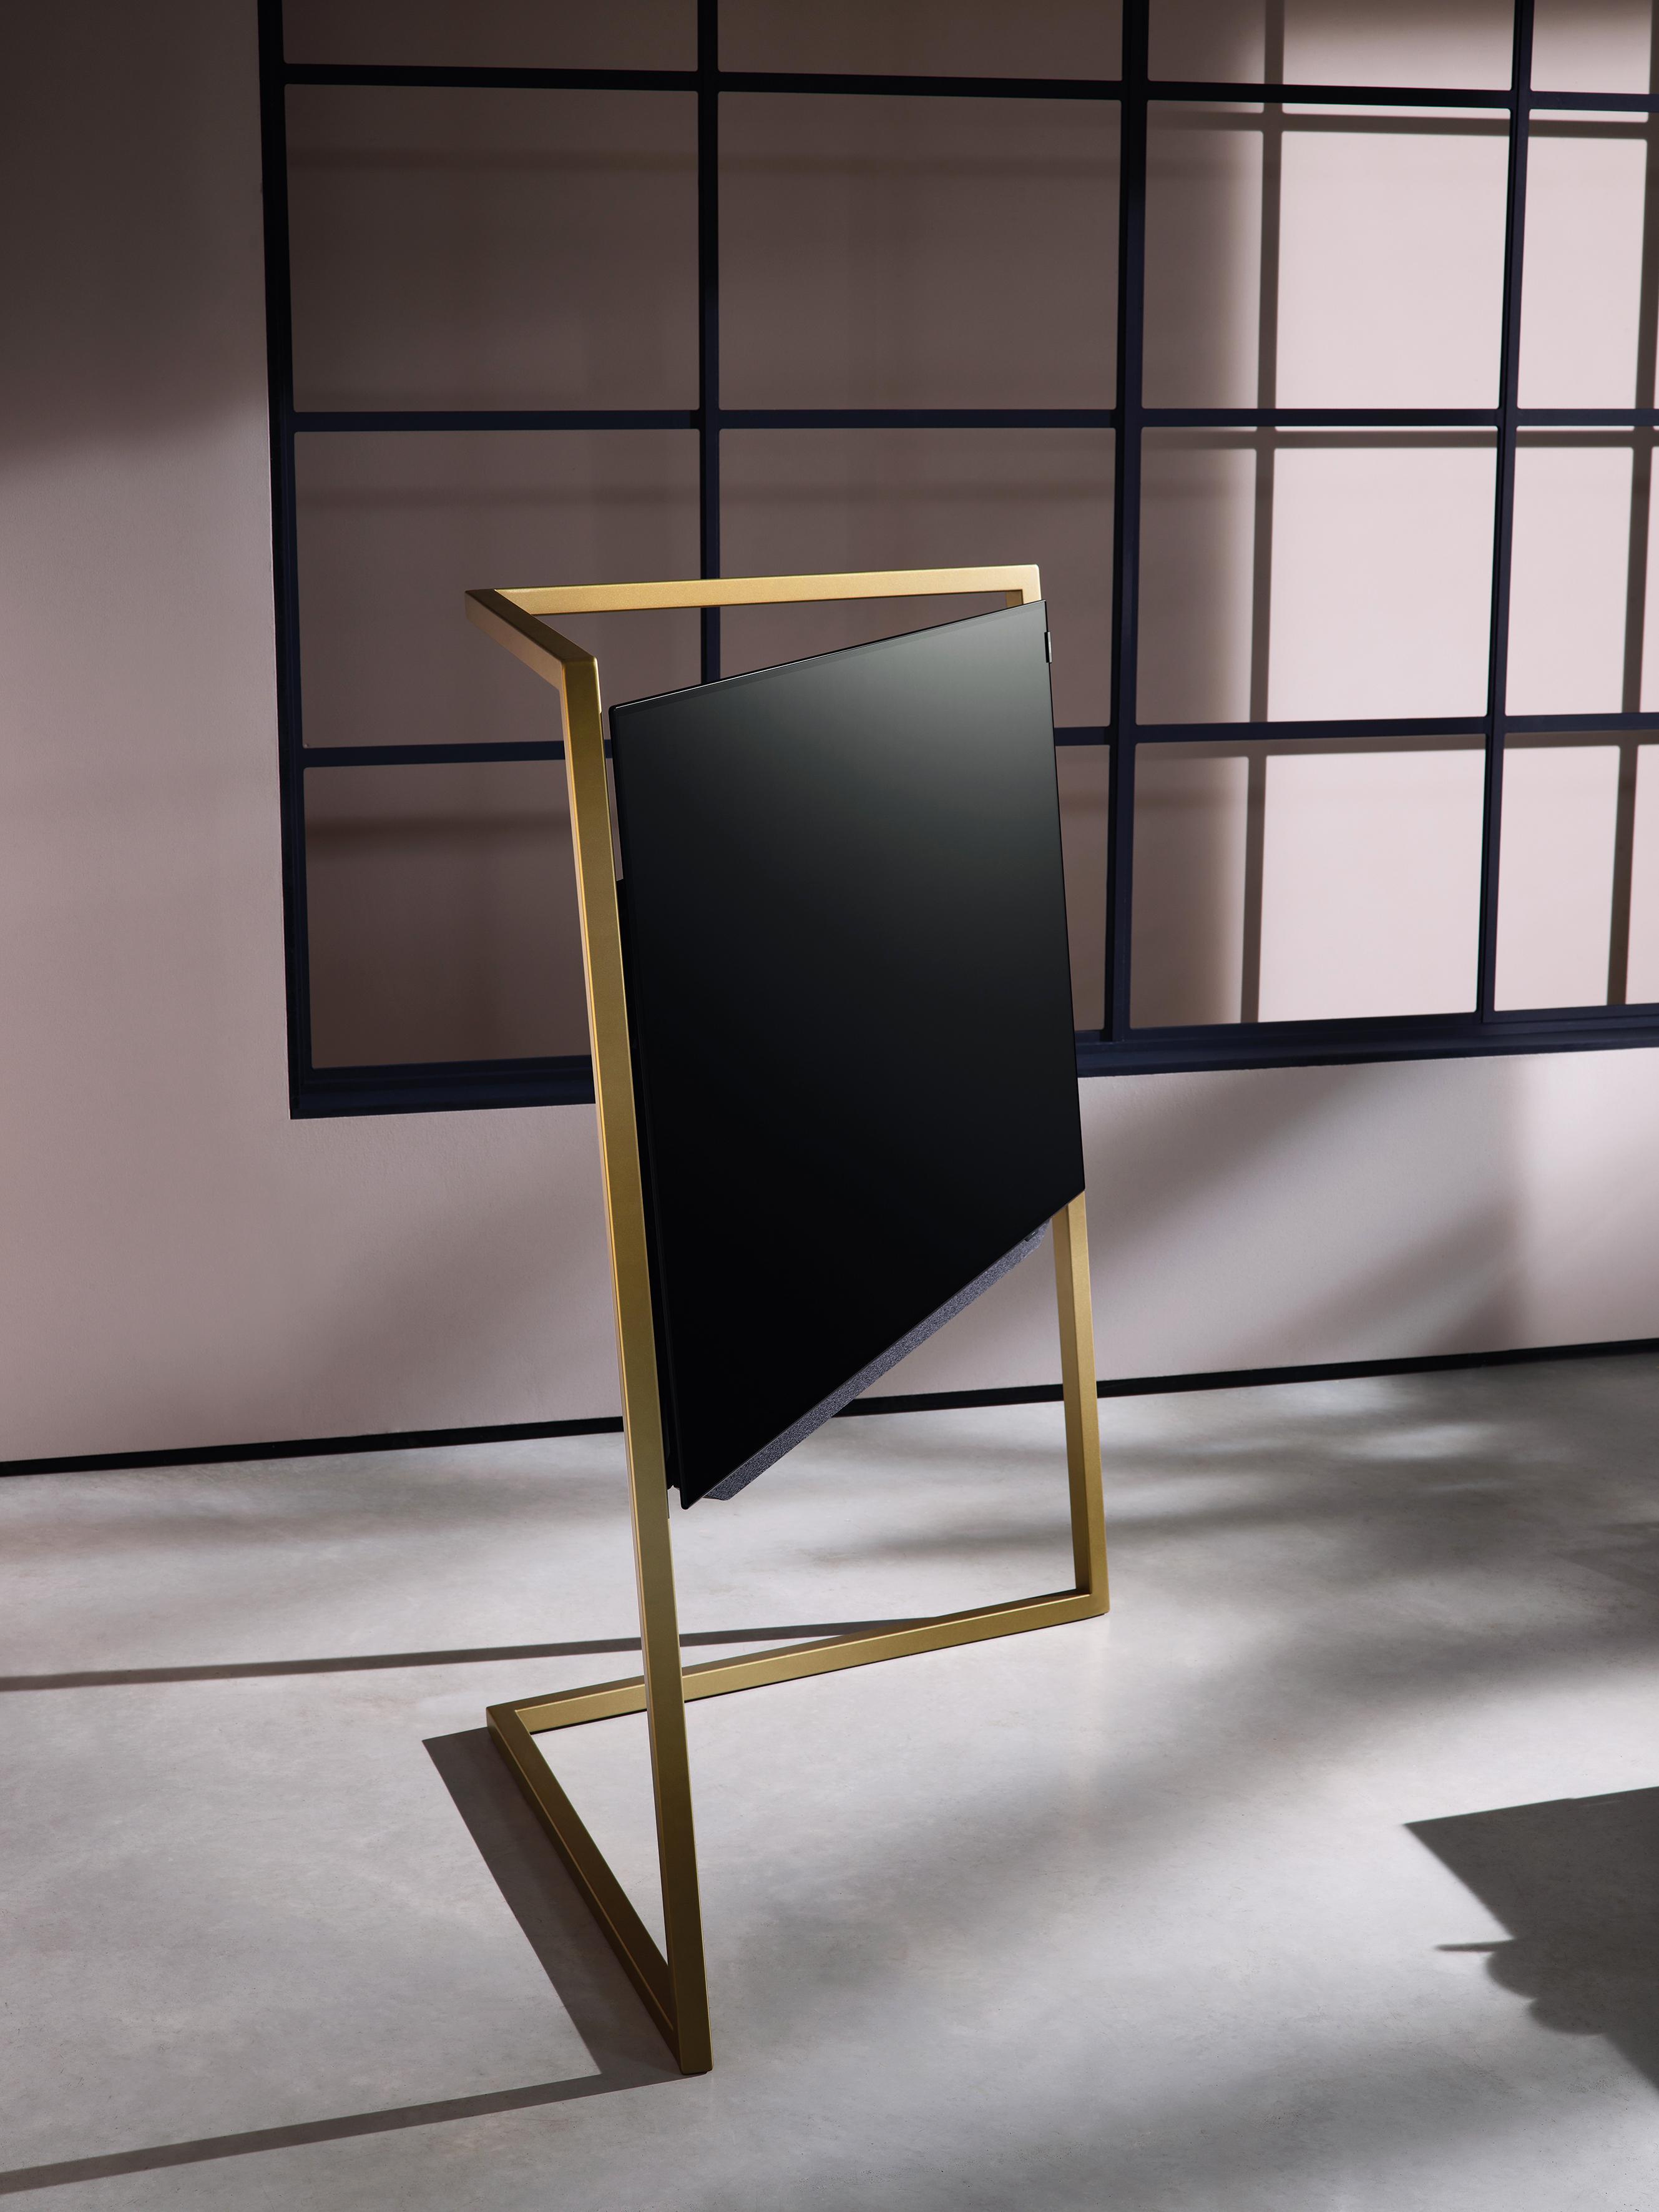 bild 9 von loewe stylepark. Black Bedroom Furniture Sets. Home Design Ideas